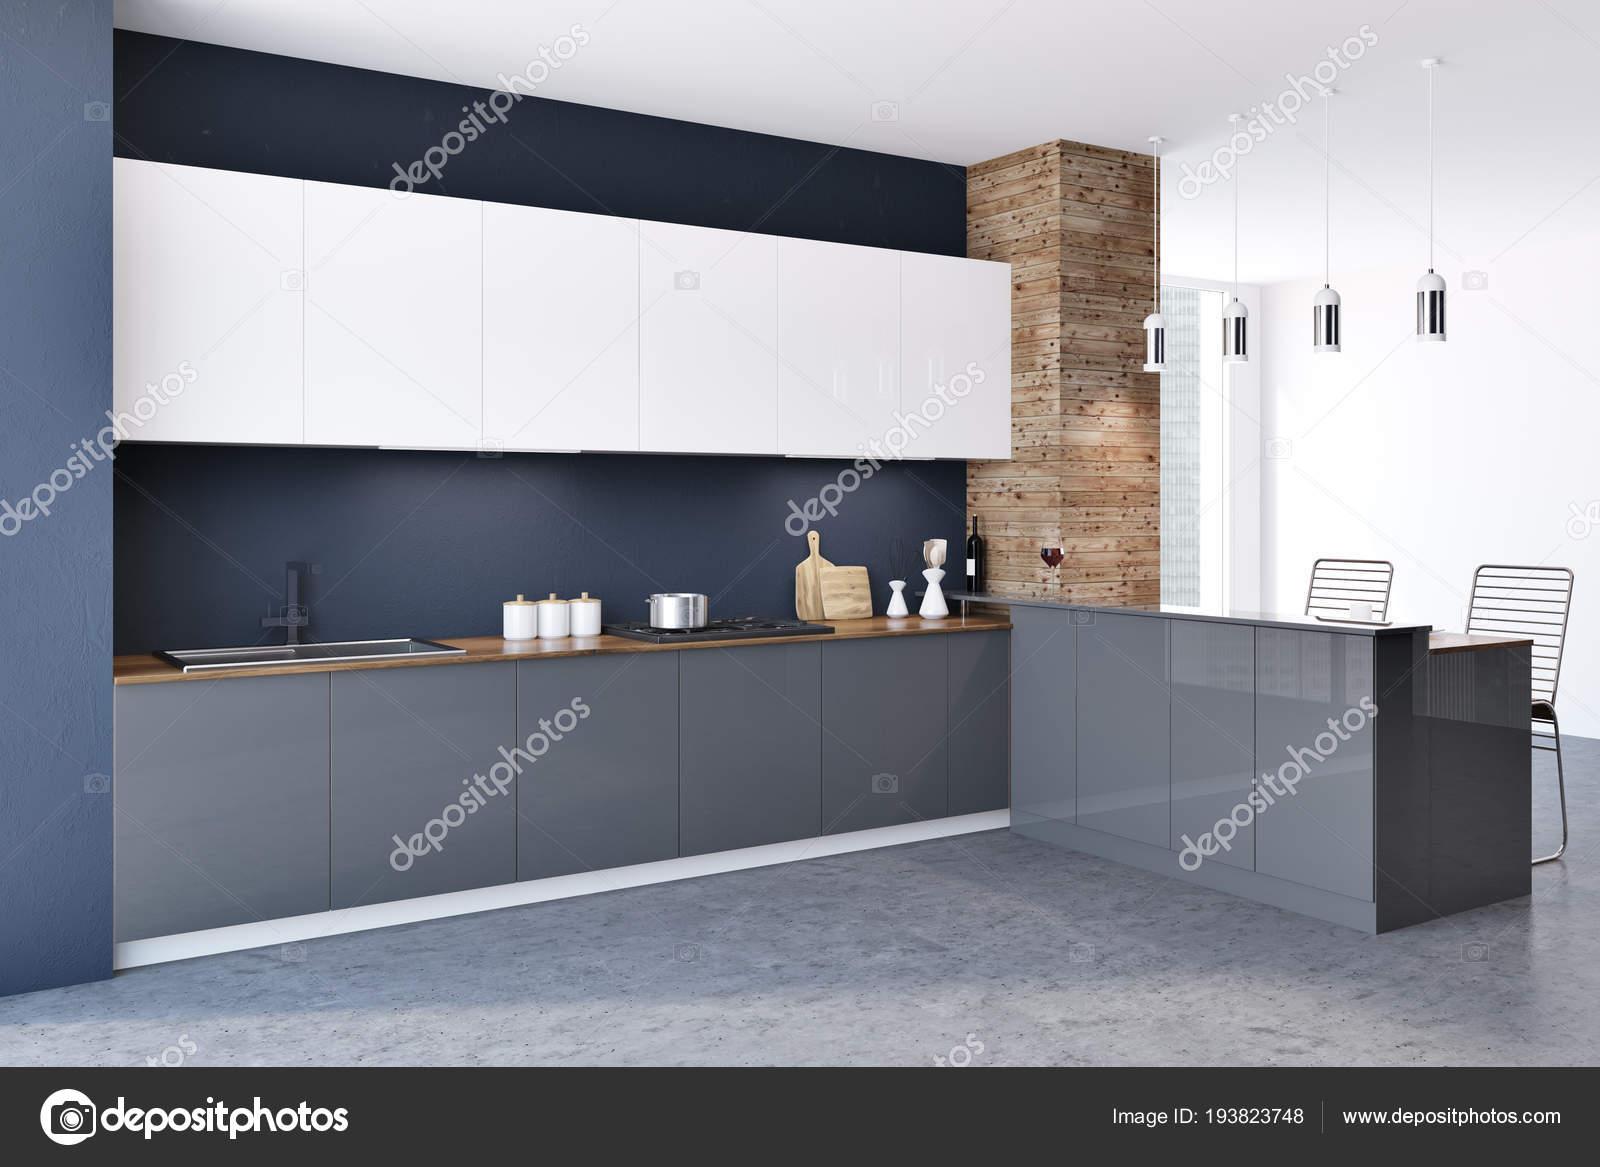 Widok Wnętrza Kuchnia Loft Czarne Drewniane ściany Betonową